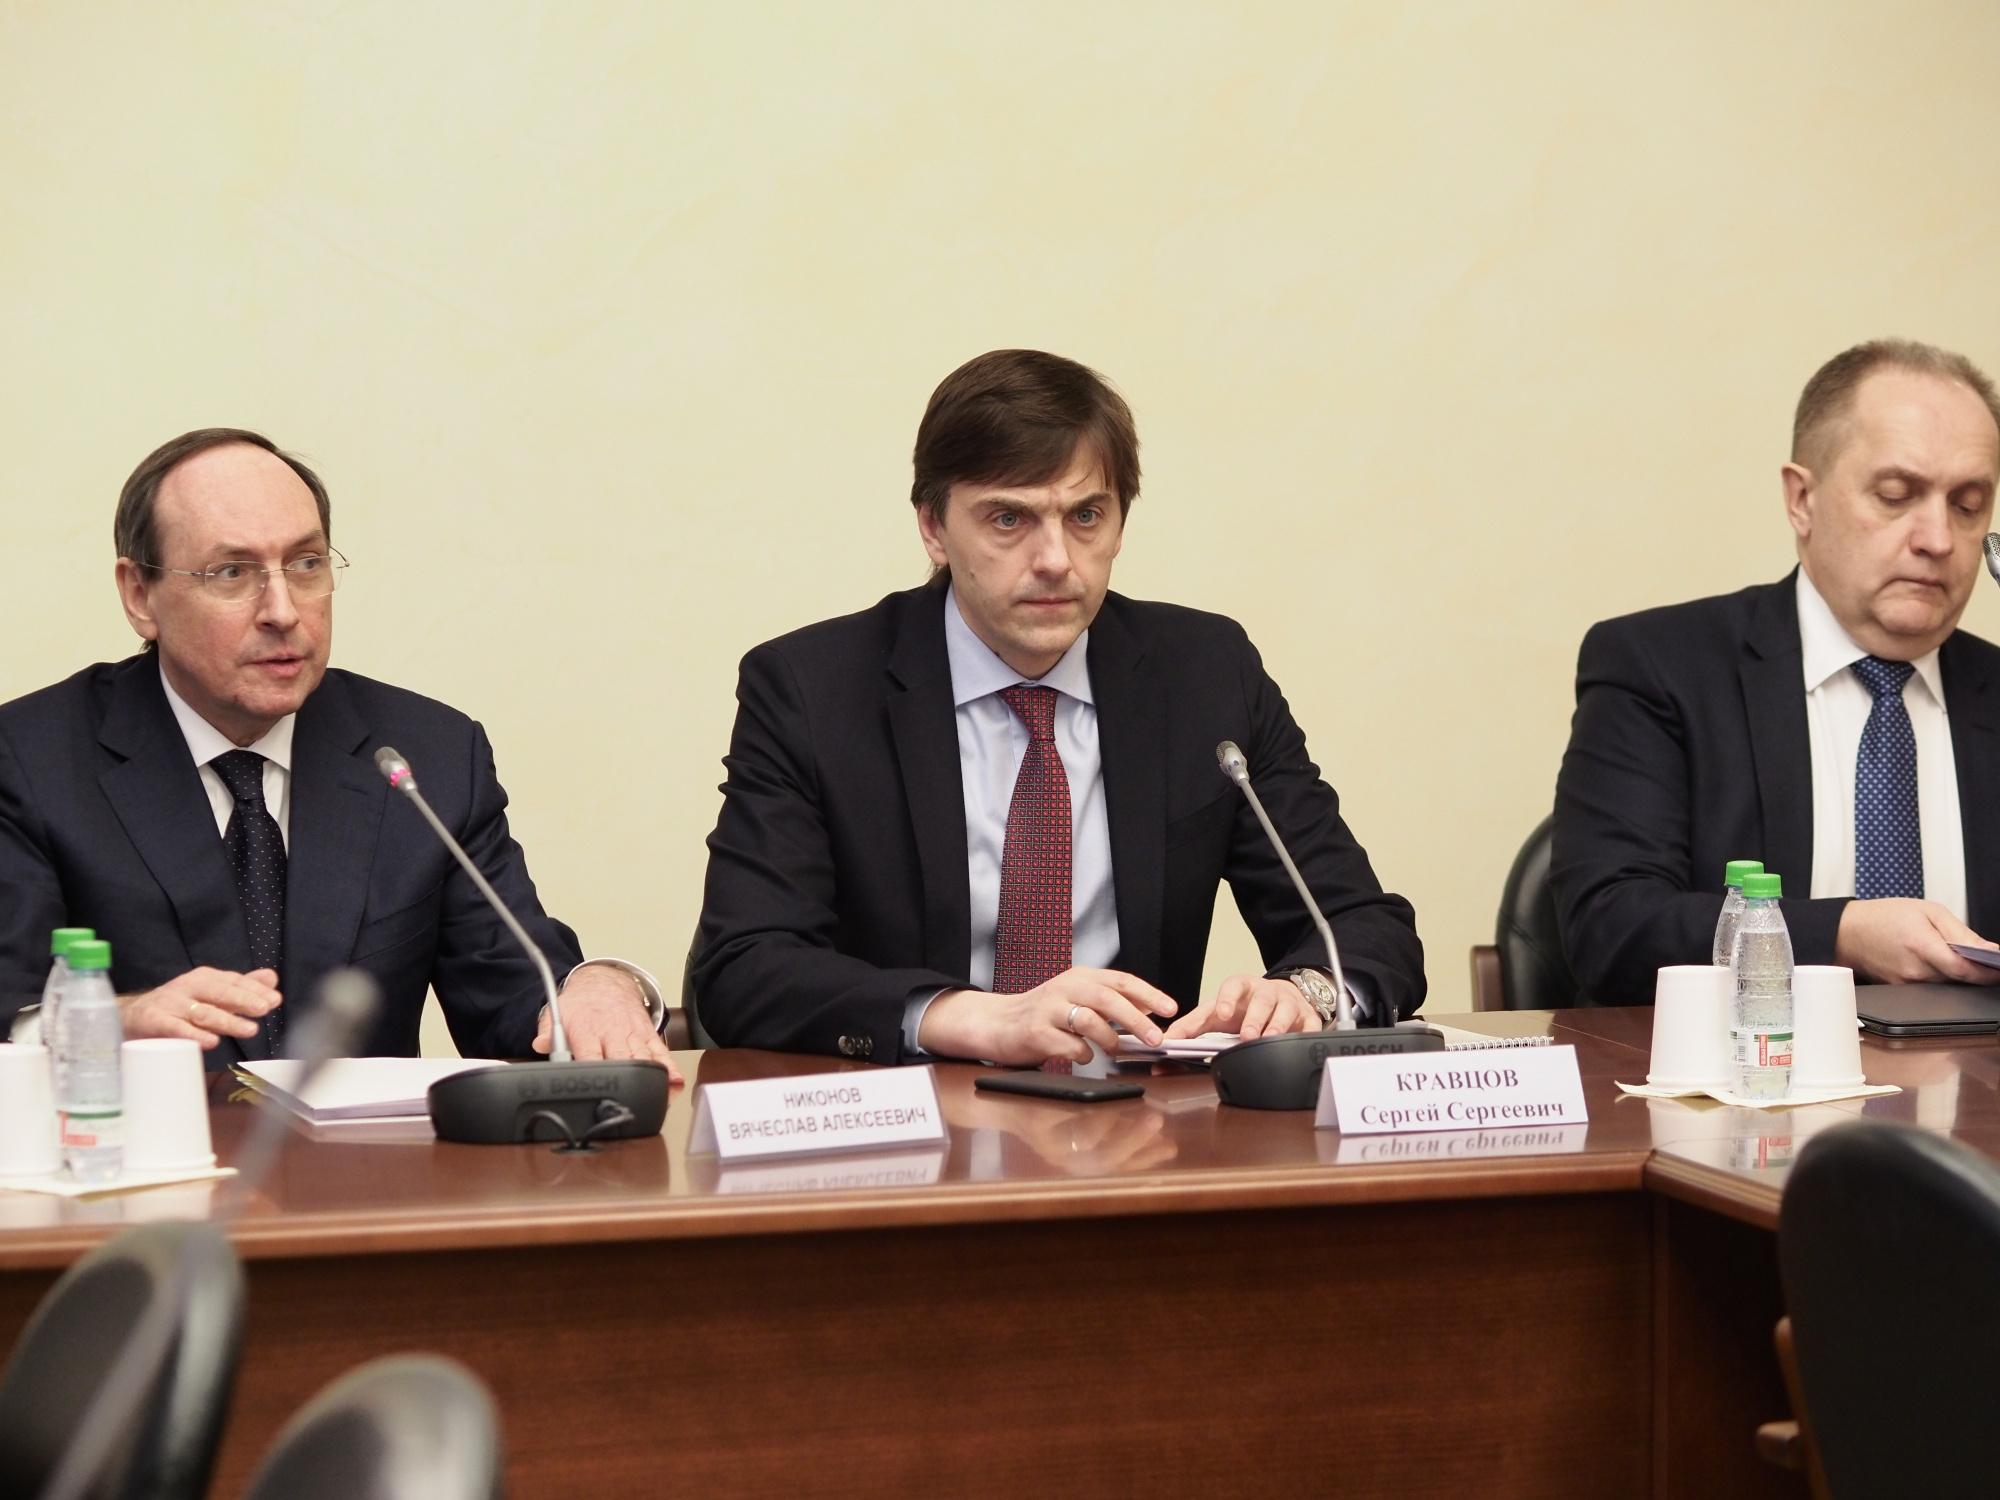 Сергей Кравцов согласовал с членами отдела Государственной Думы по образованию и науке приоритеты гос